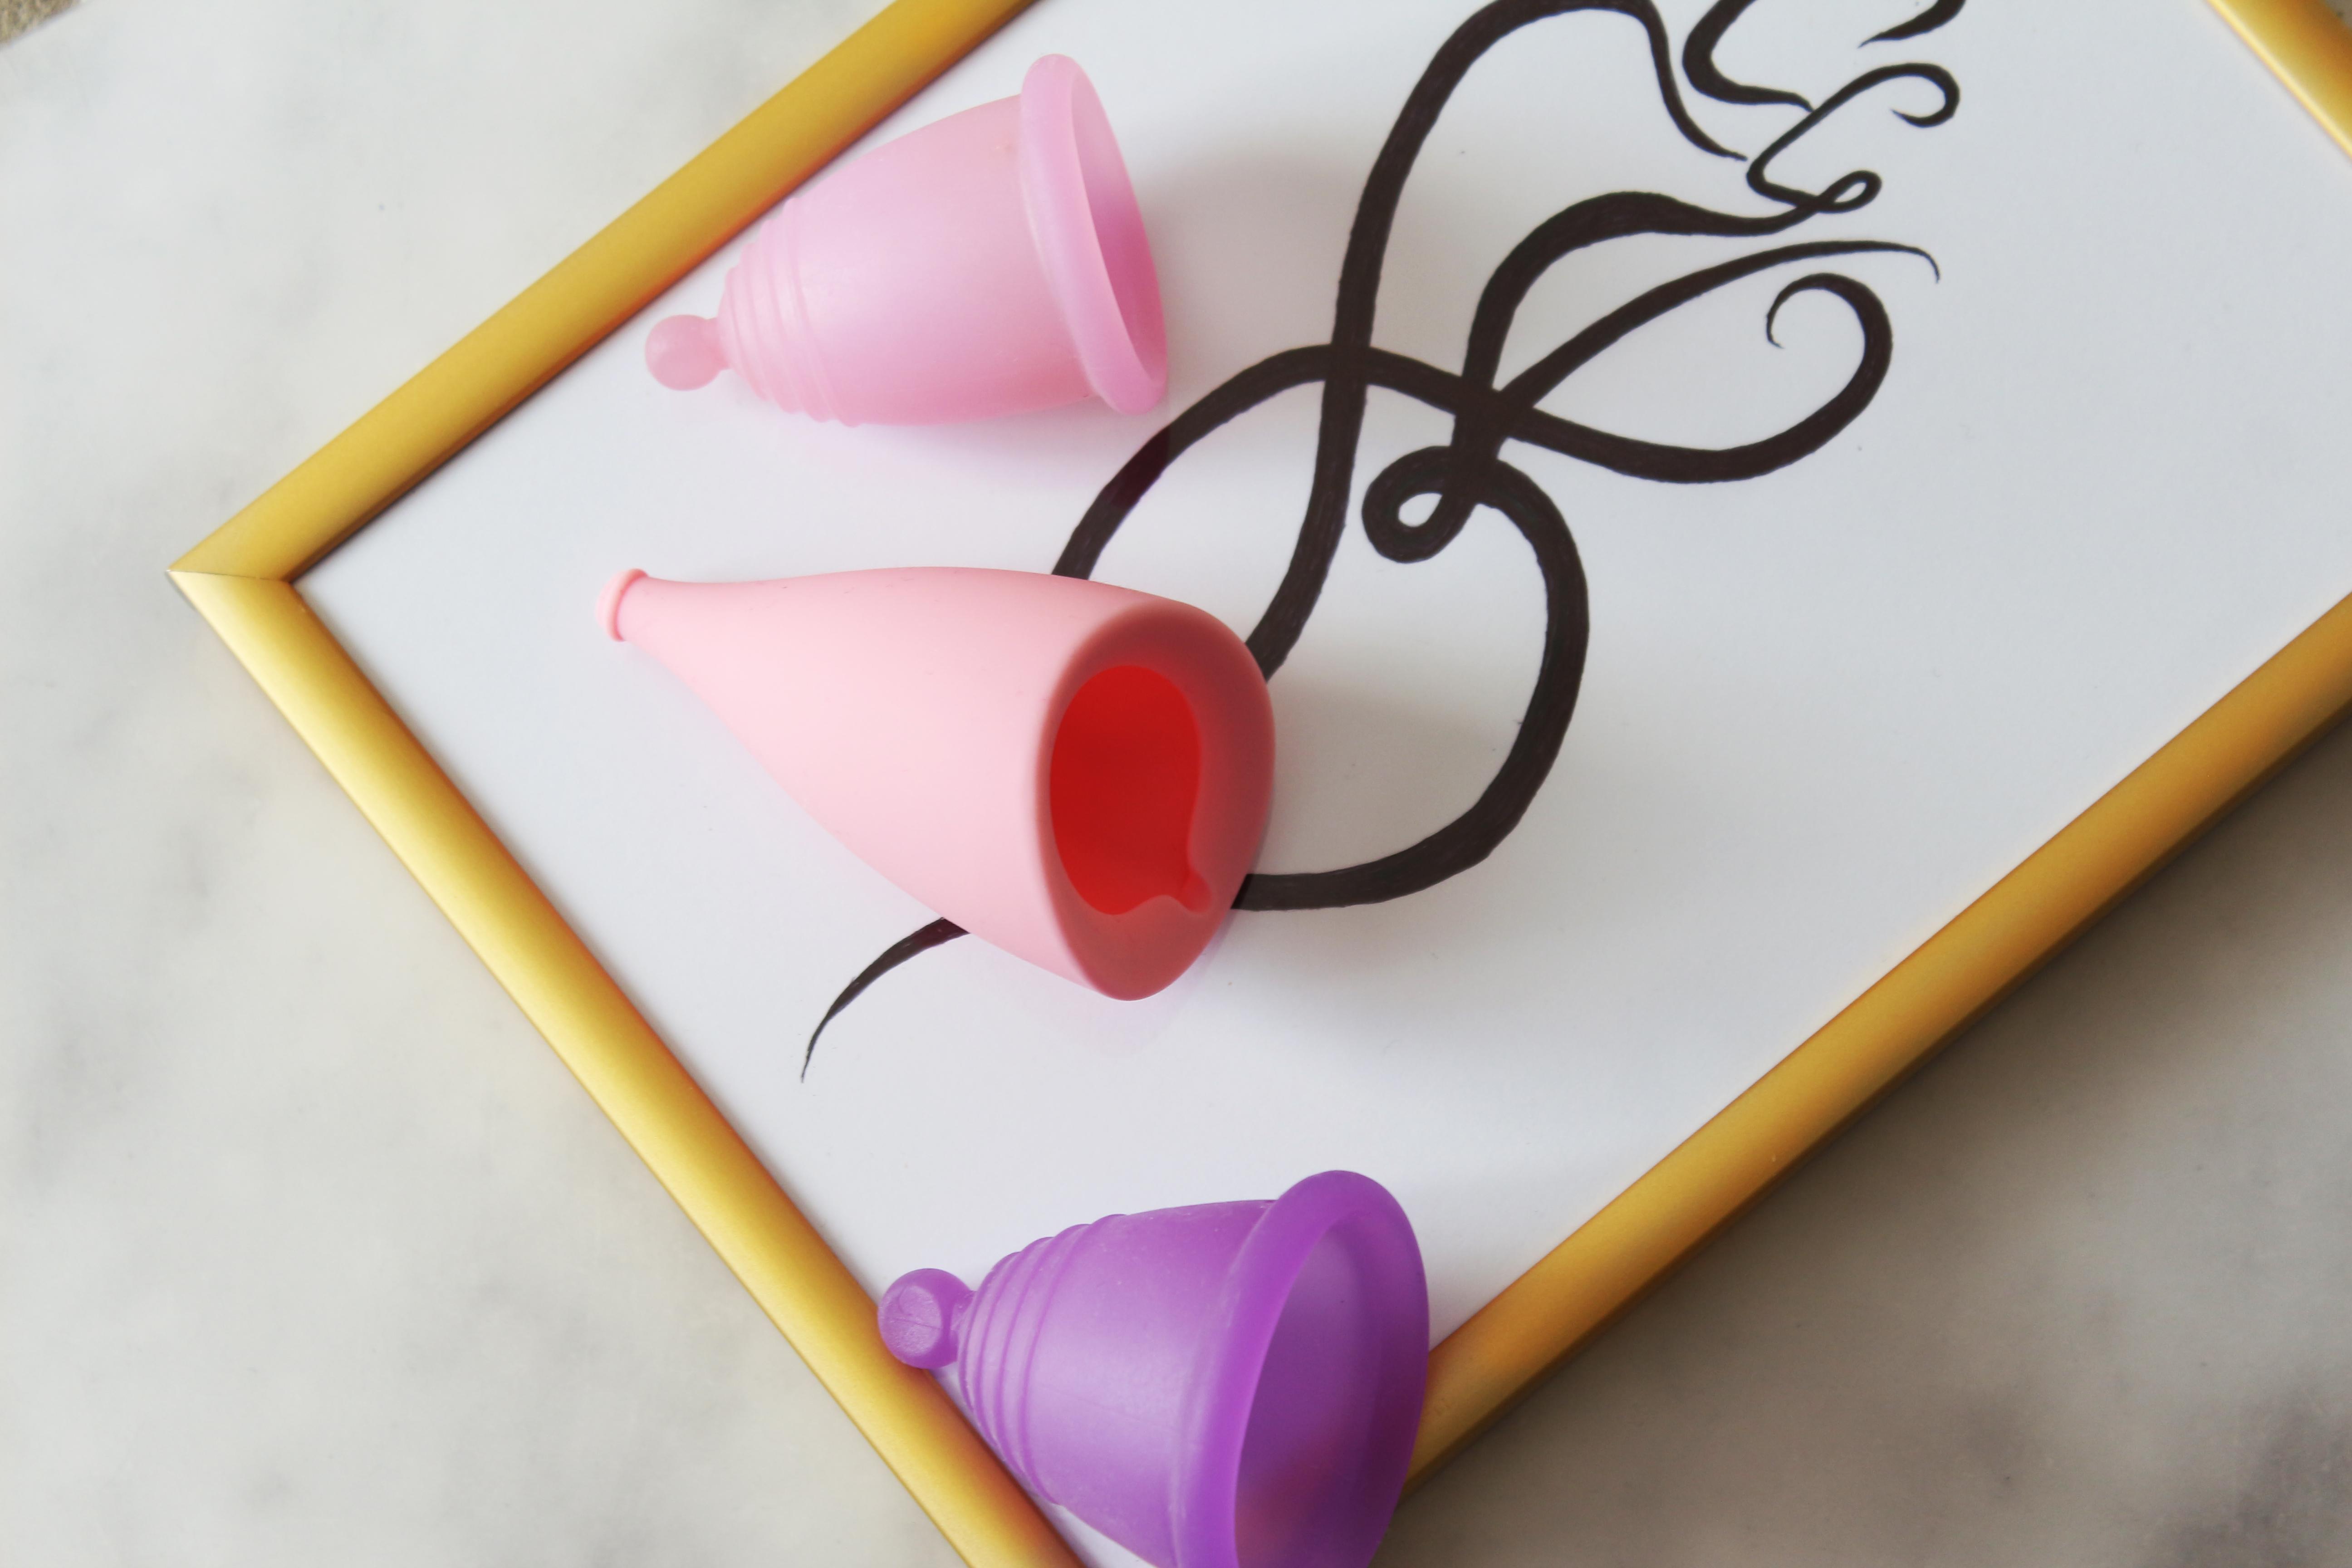 Kubeczek menstruacyjny wady i zalety po roku stosowania | Menstrual cup pros and cons after one year of usage